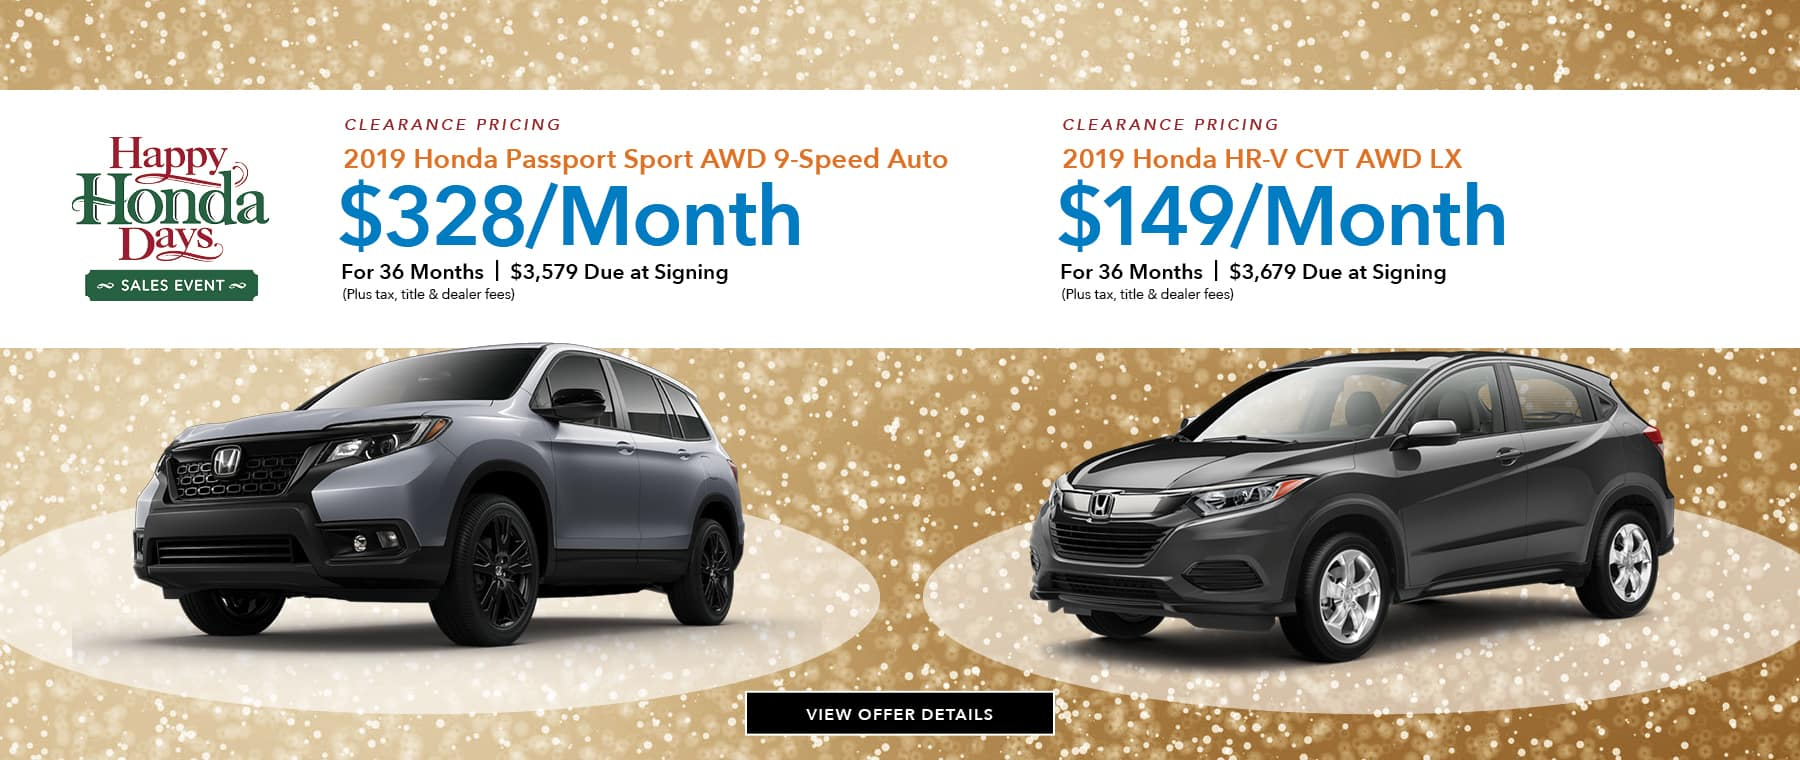 Honda Dealers Dayton Ohio >> Honda Dealers Dayton Ohio 2019 Deals At Germain Honda Of